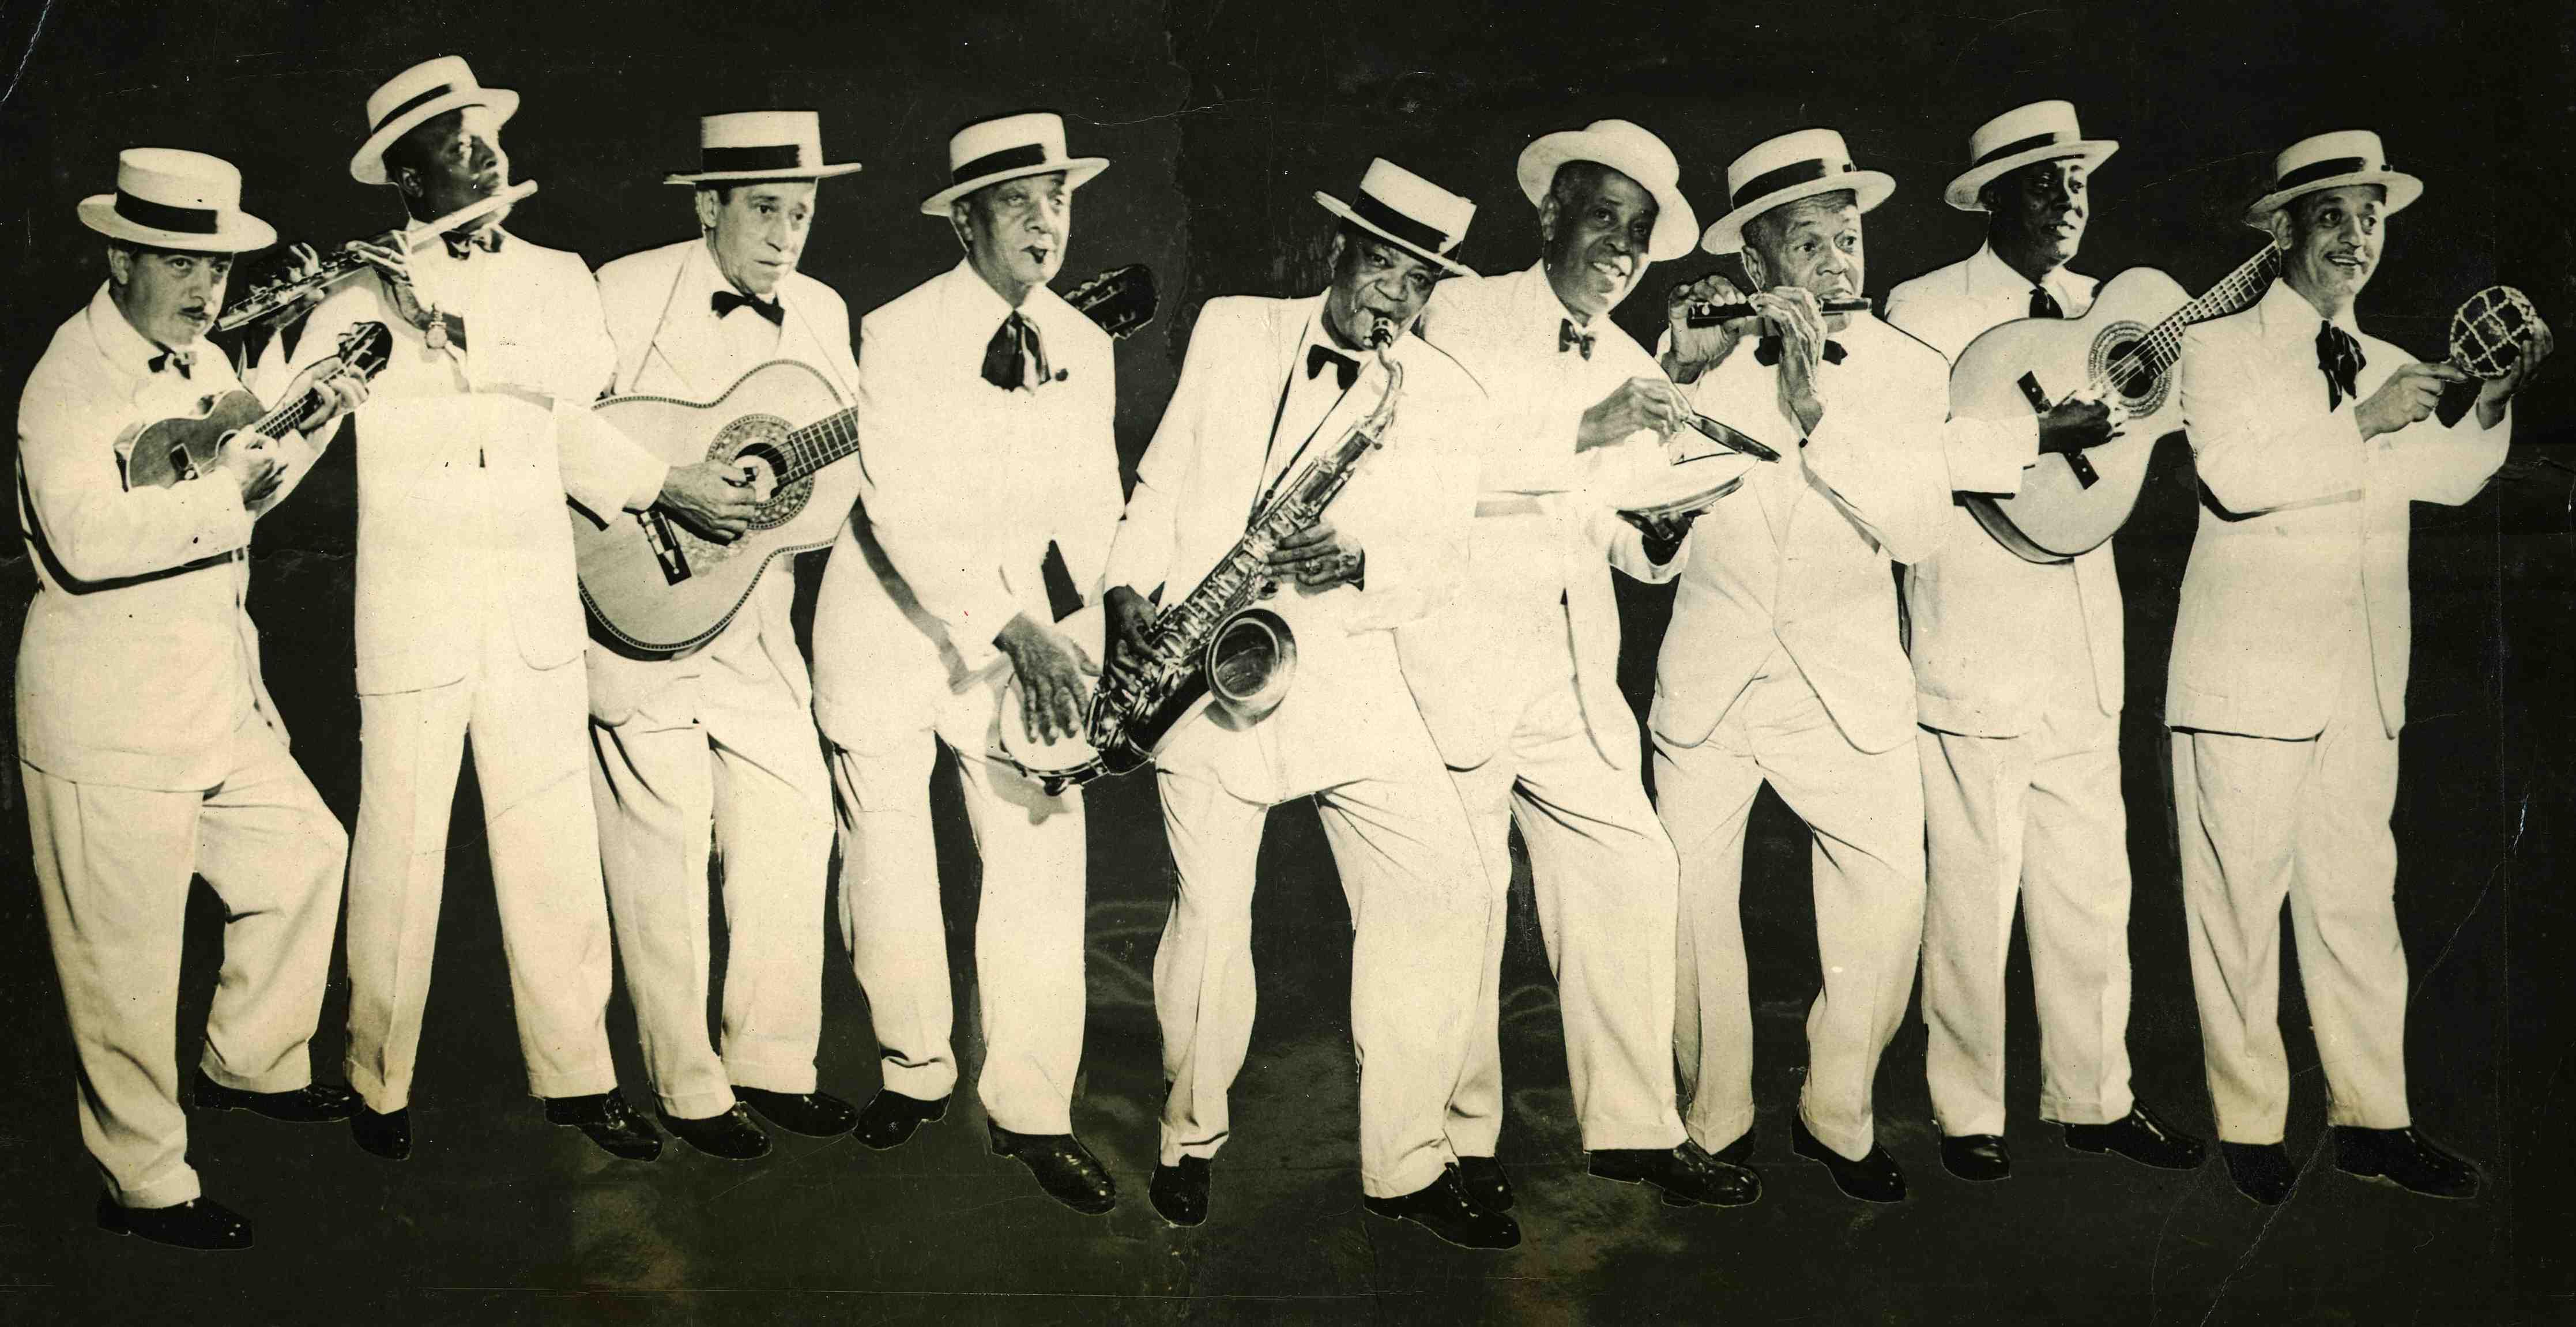 """Grupo da Velha Guarda. Foto de divulgação do show """"O samba nasce no coração"""", produzido por Zilco Ribeiro na boate Casablanca. Da esquerda para a direita: Waldemar de Melo (cavaquinho), Bide da Flauta, Rubem Bergman (violão), João da Bahiana (pandeiro), Pixinguinha (saxofone), Donga (prato e faca), Alfredinho Flautim, Mirinho (violão) e J. Cascata (afoxé). Boate Casablanca, Urca, Rio de Janeiro, 1955 (IMS_JRT_pixinguinha050 / Acervo Tinhorão / IMS)"""